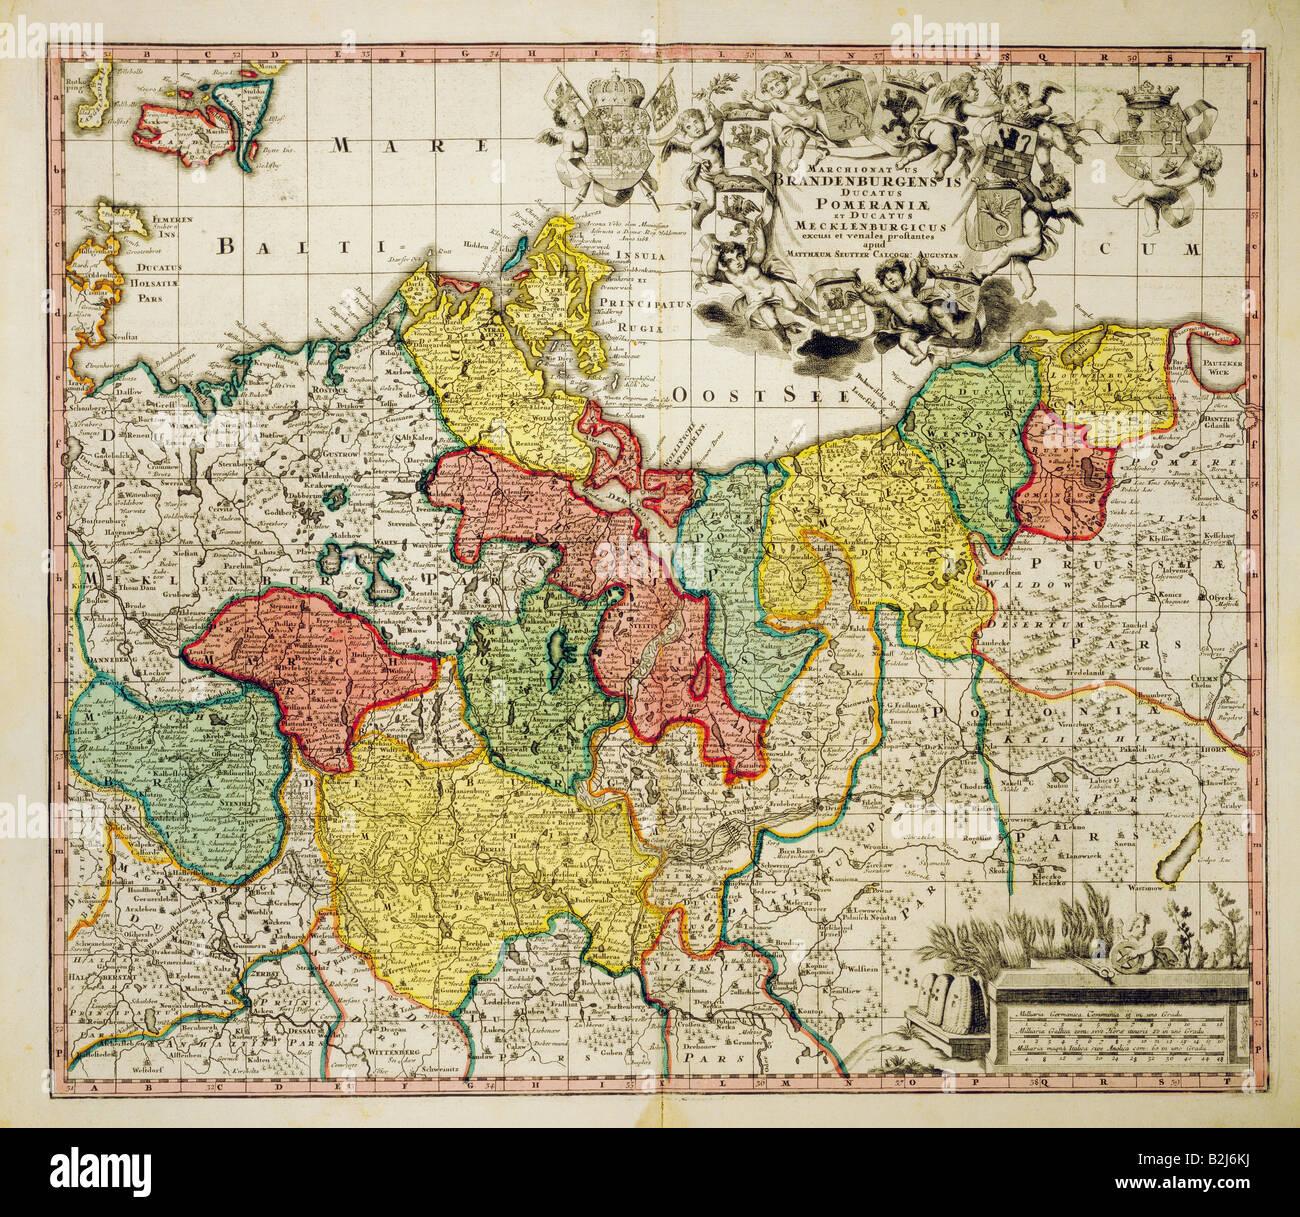 Karte Ostsee Deutschland.Kartographie Karten Deutschland Brandenburg Ostsee Autobahn Und